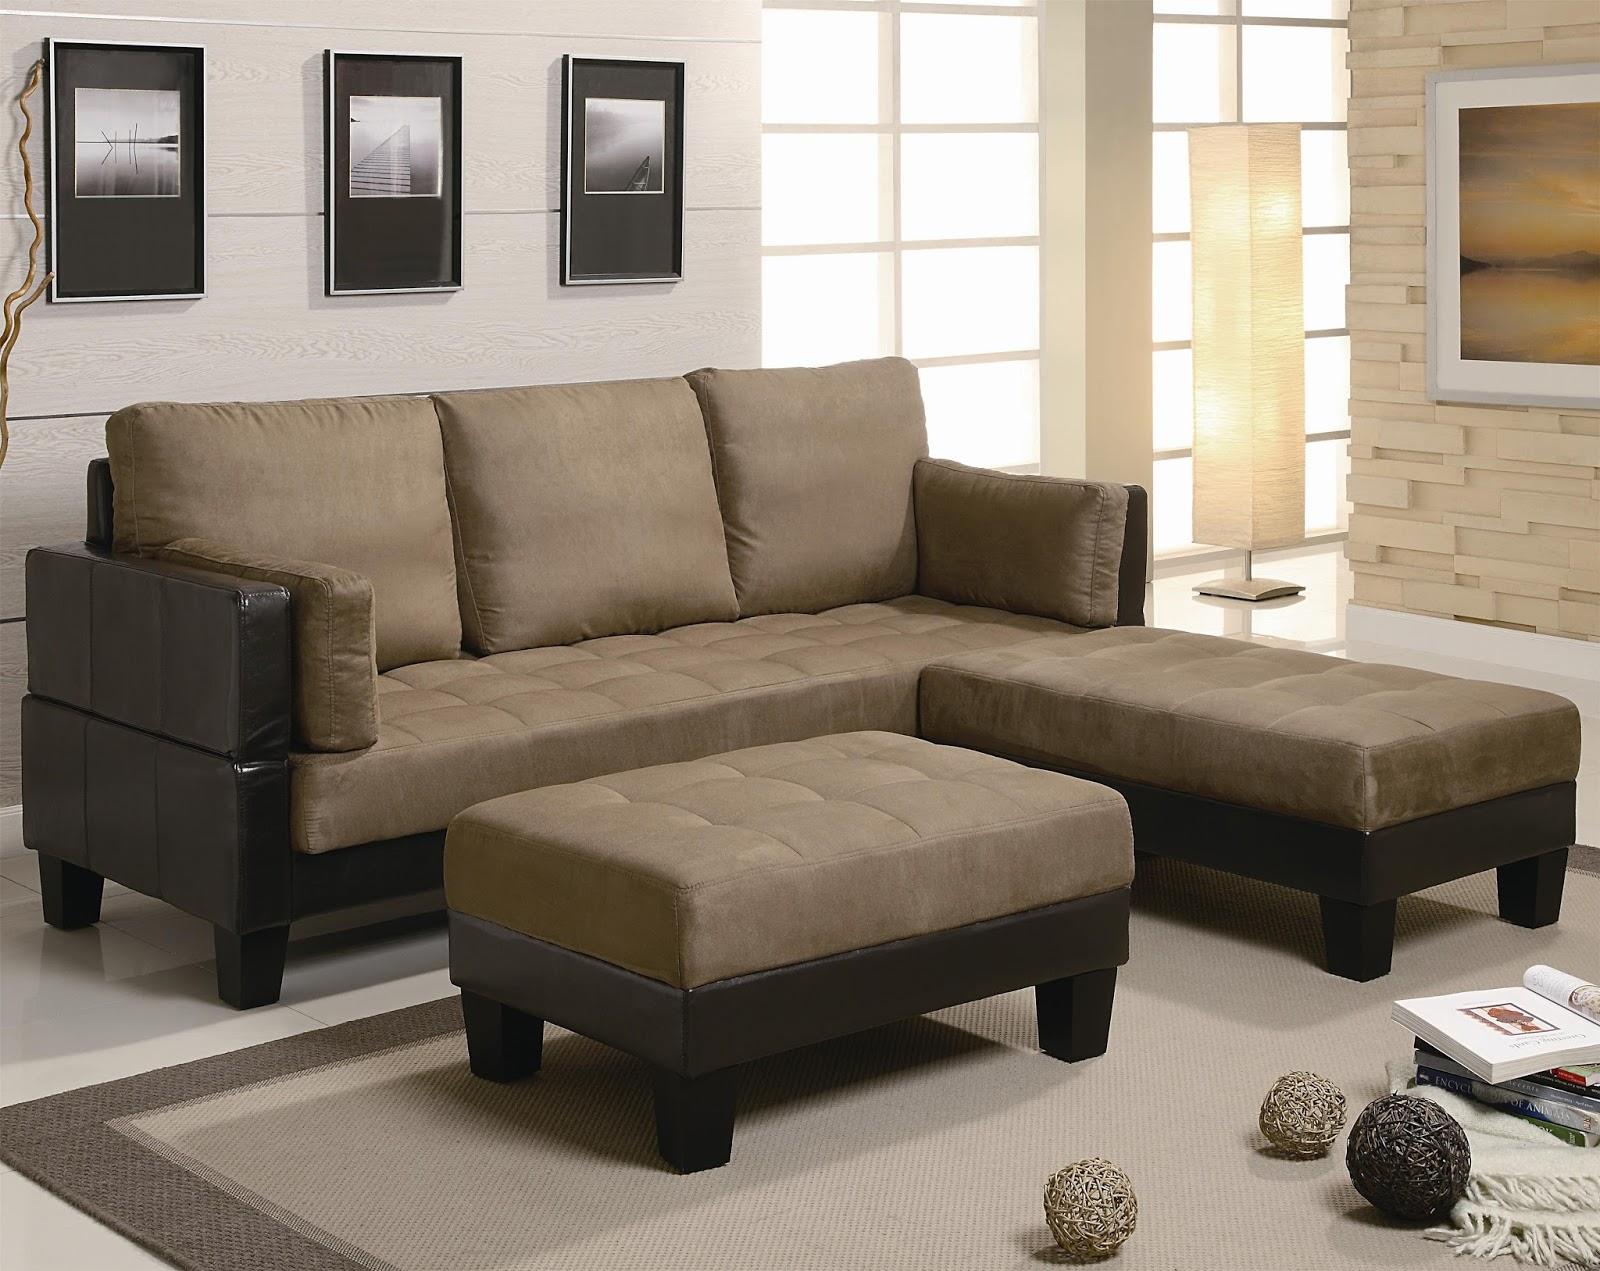 Muebles Moriano: Ellesmere contemporáneo Sofá cama con 2 otomanos